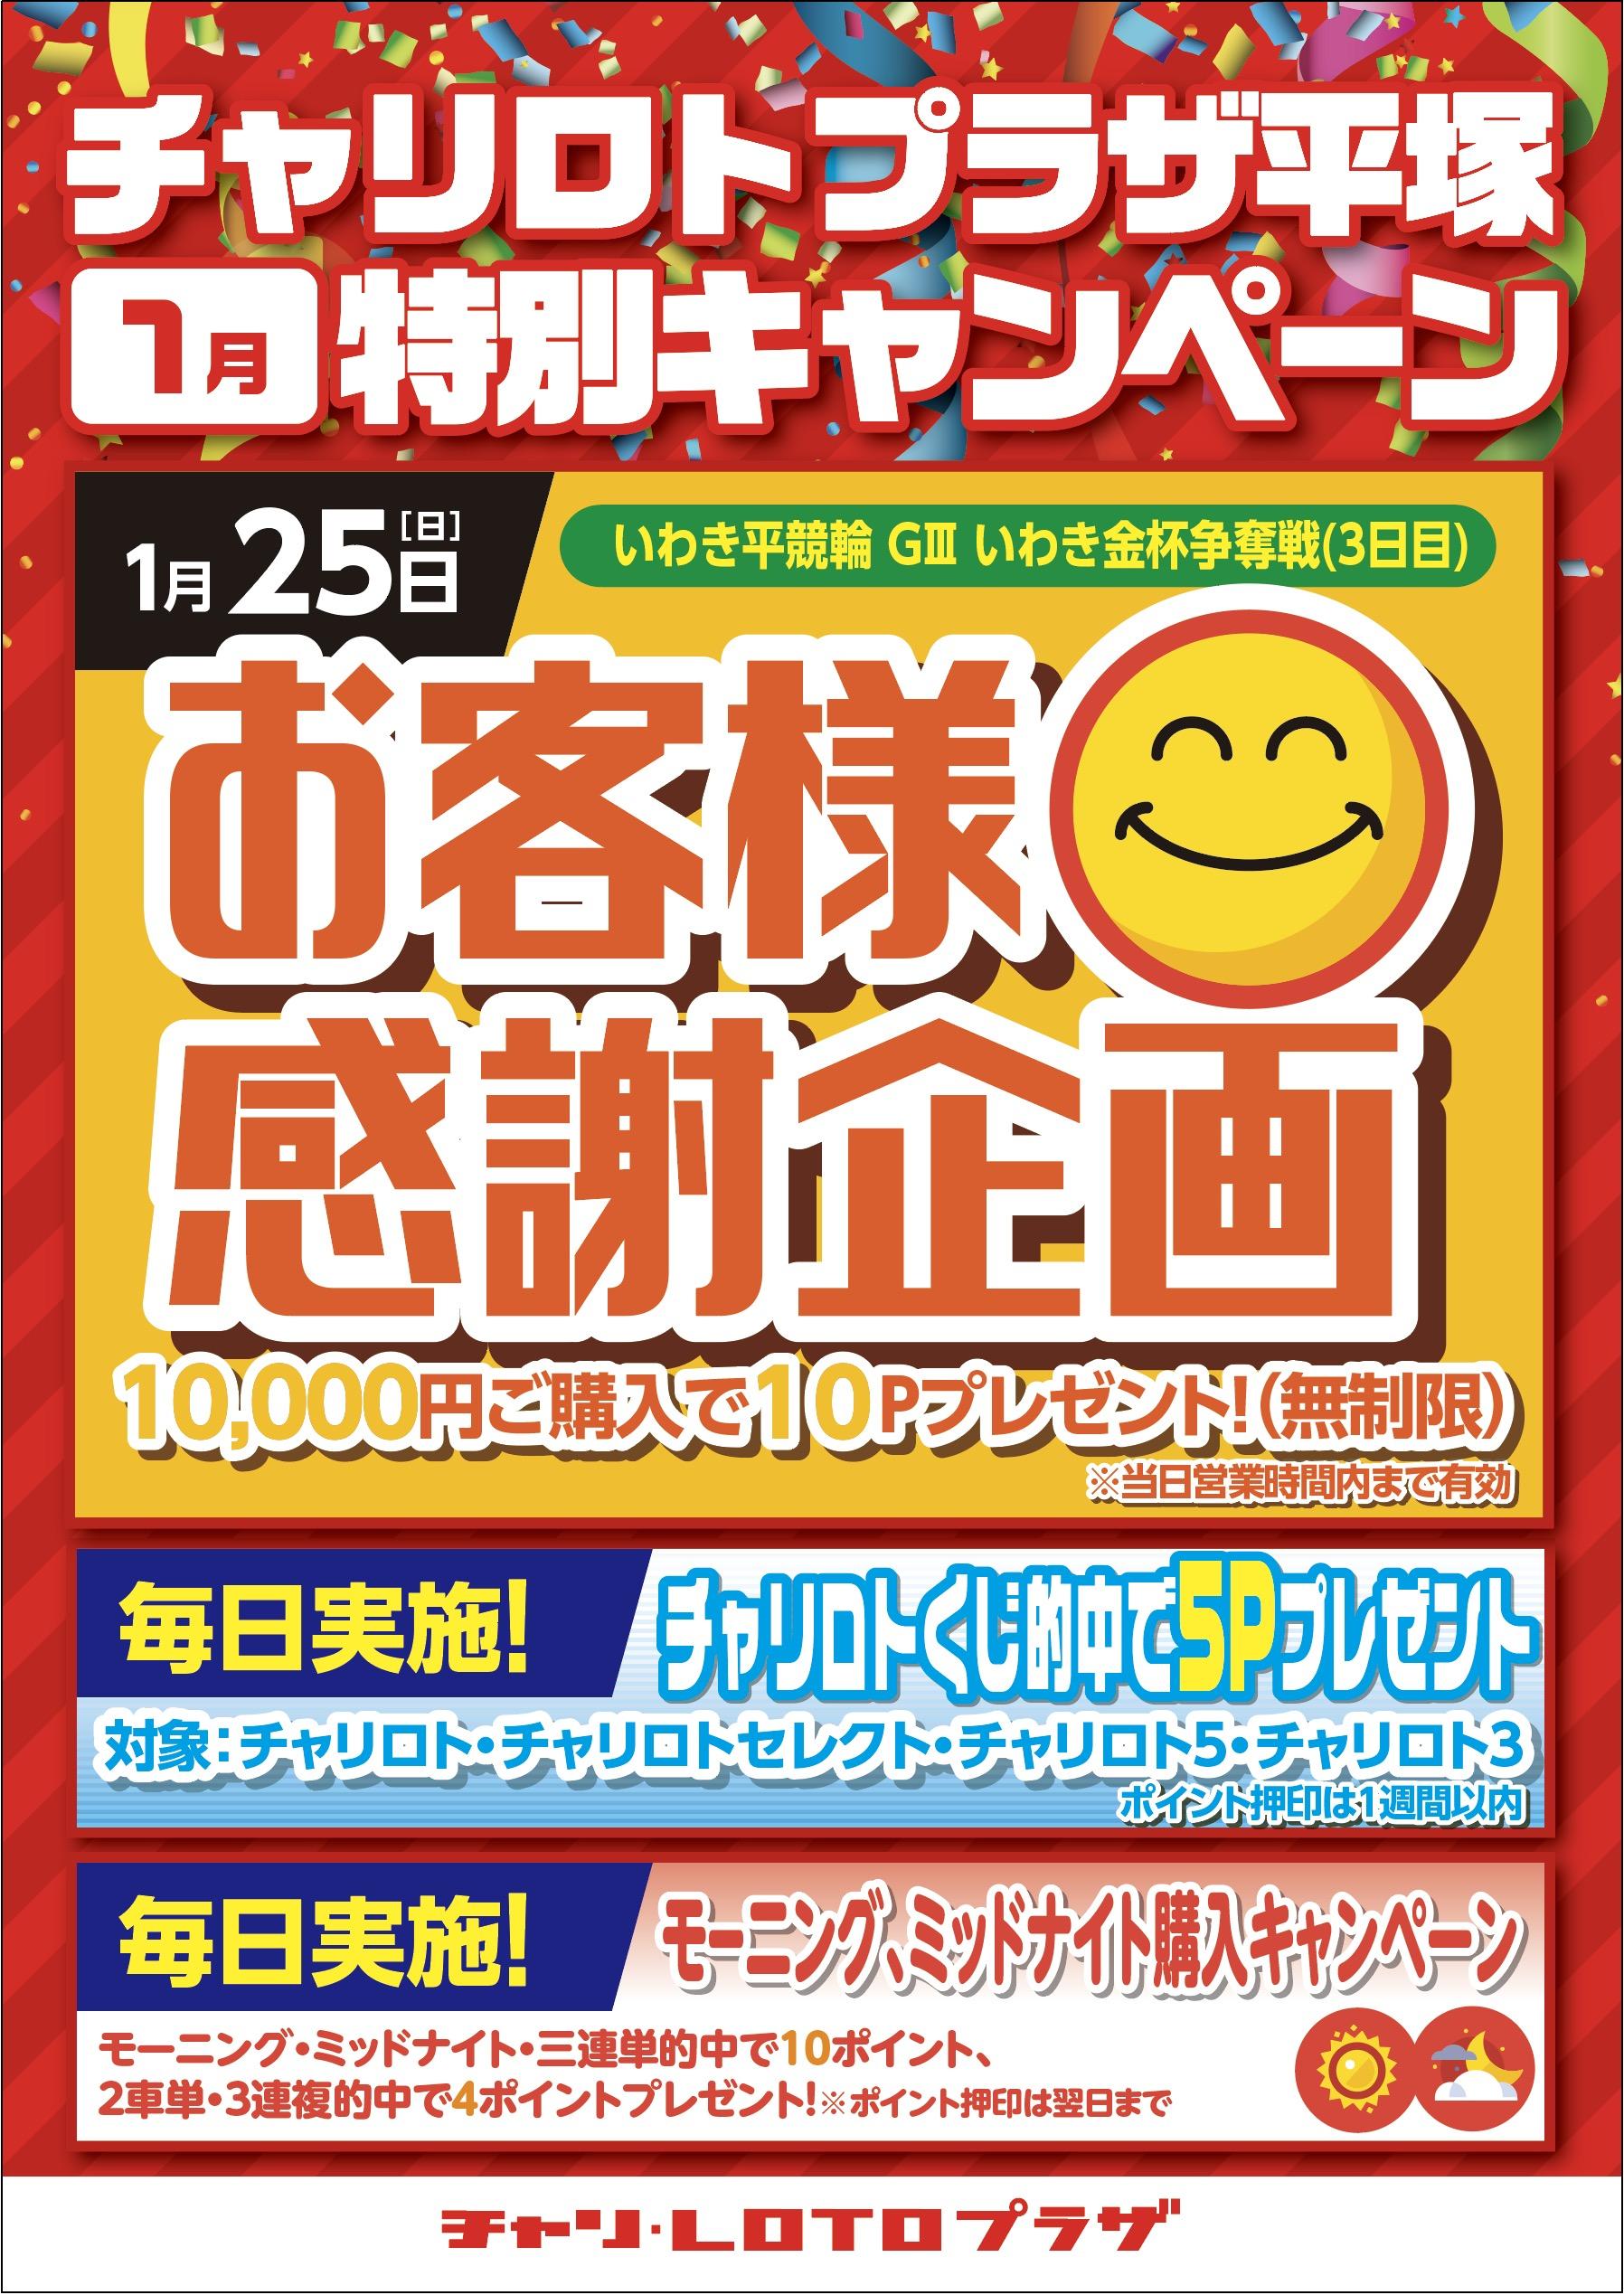 【平塚】モーニング・ミッドナイト月間特別CP(1月)